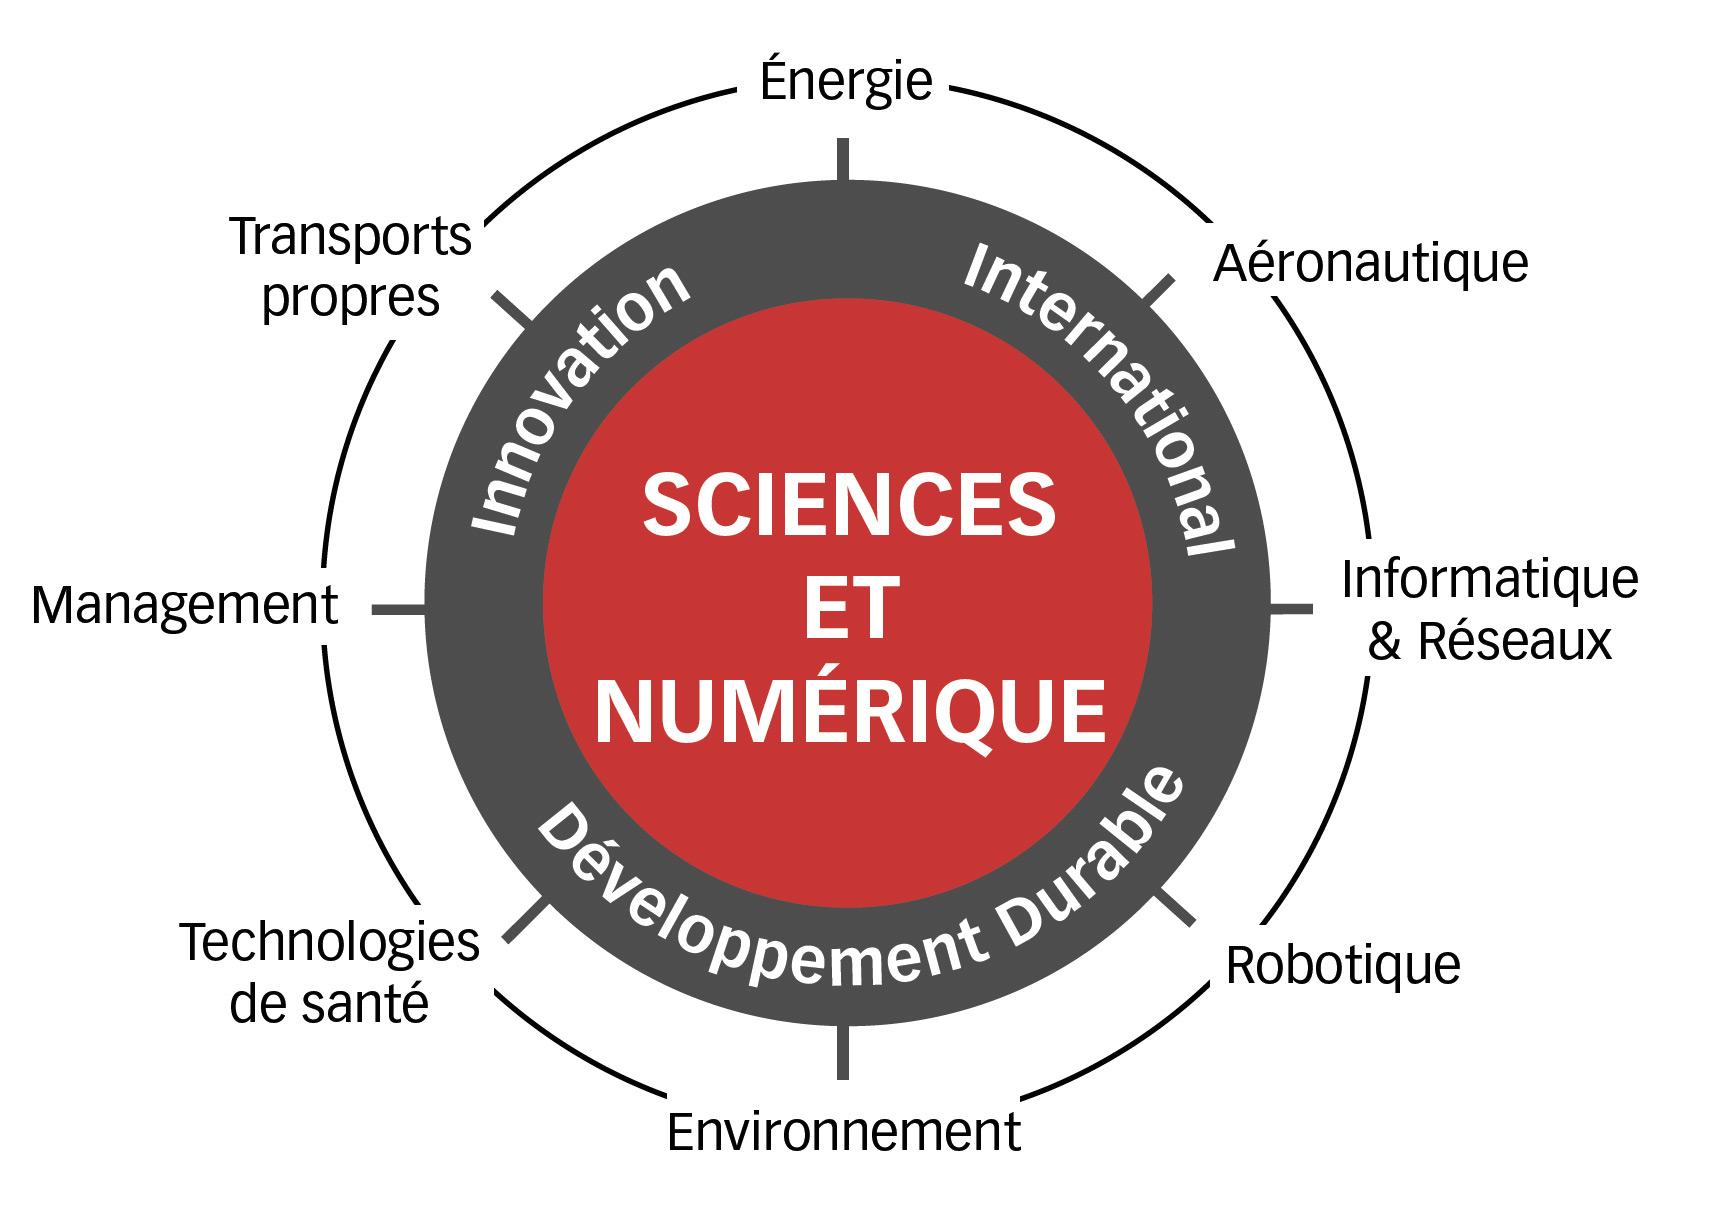 Sciences et Numérique